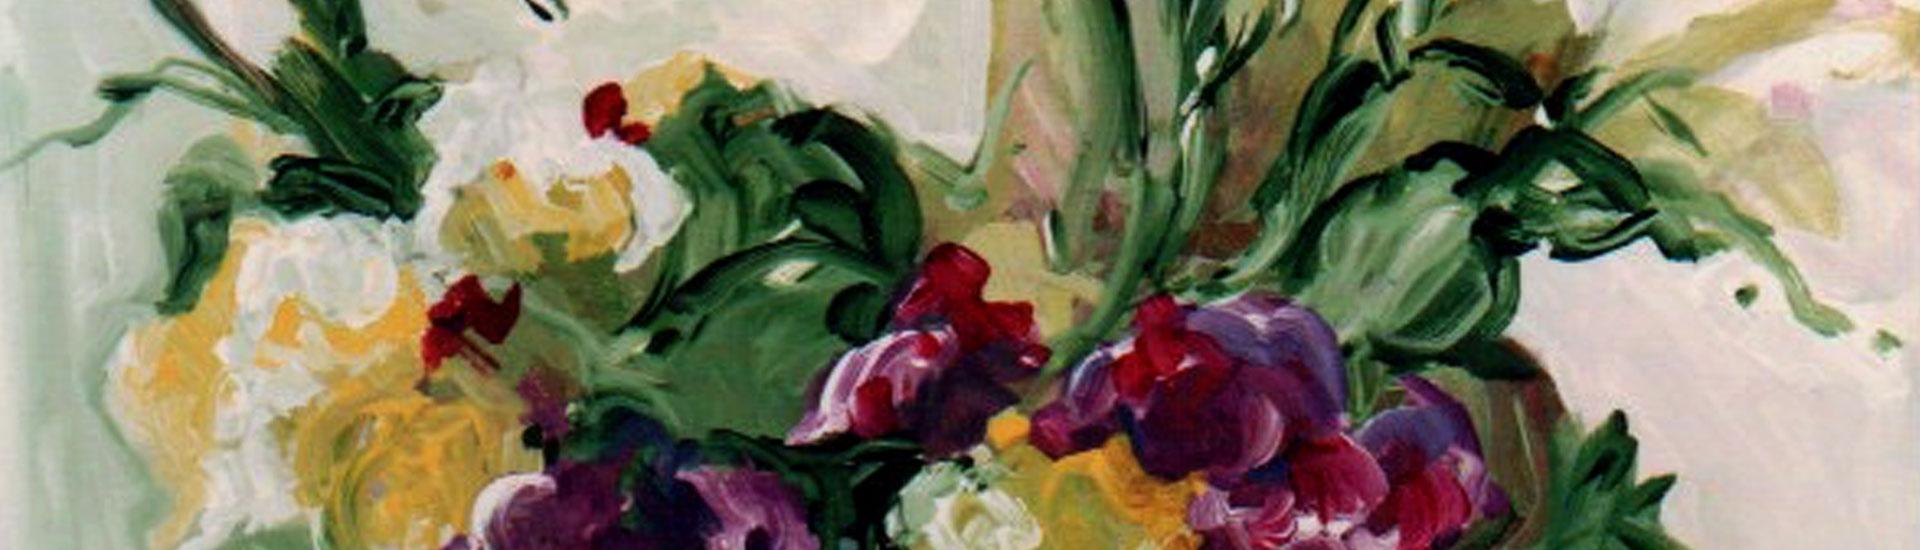 Kathy's Bouquet